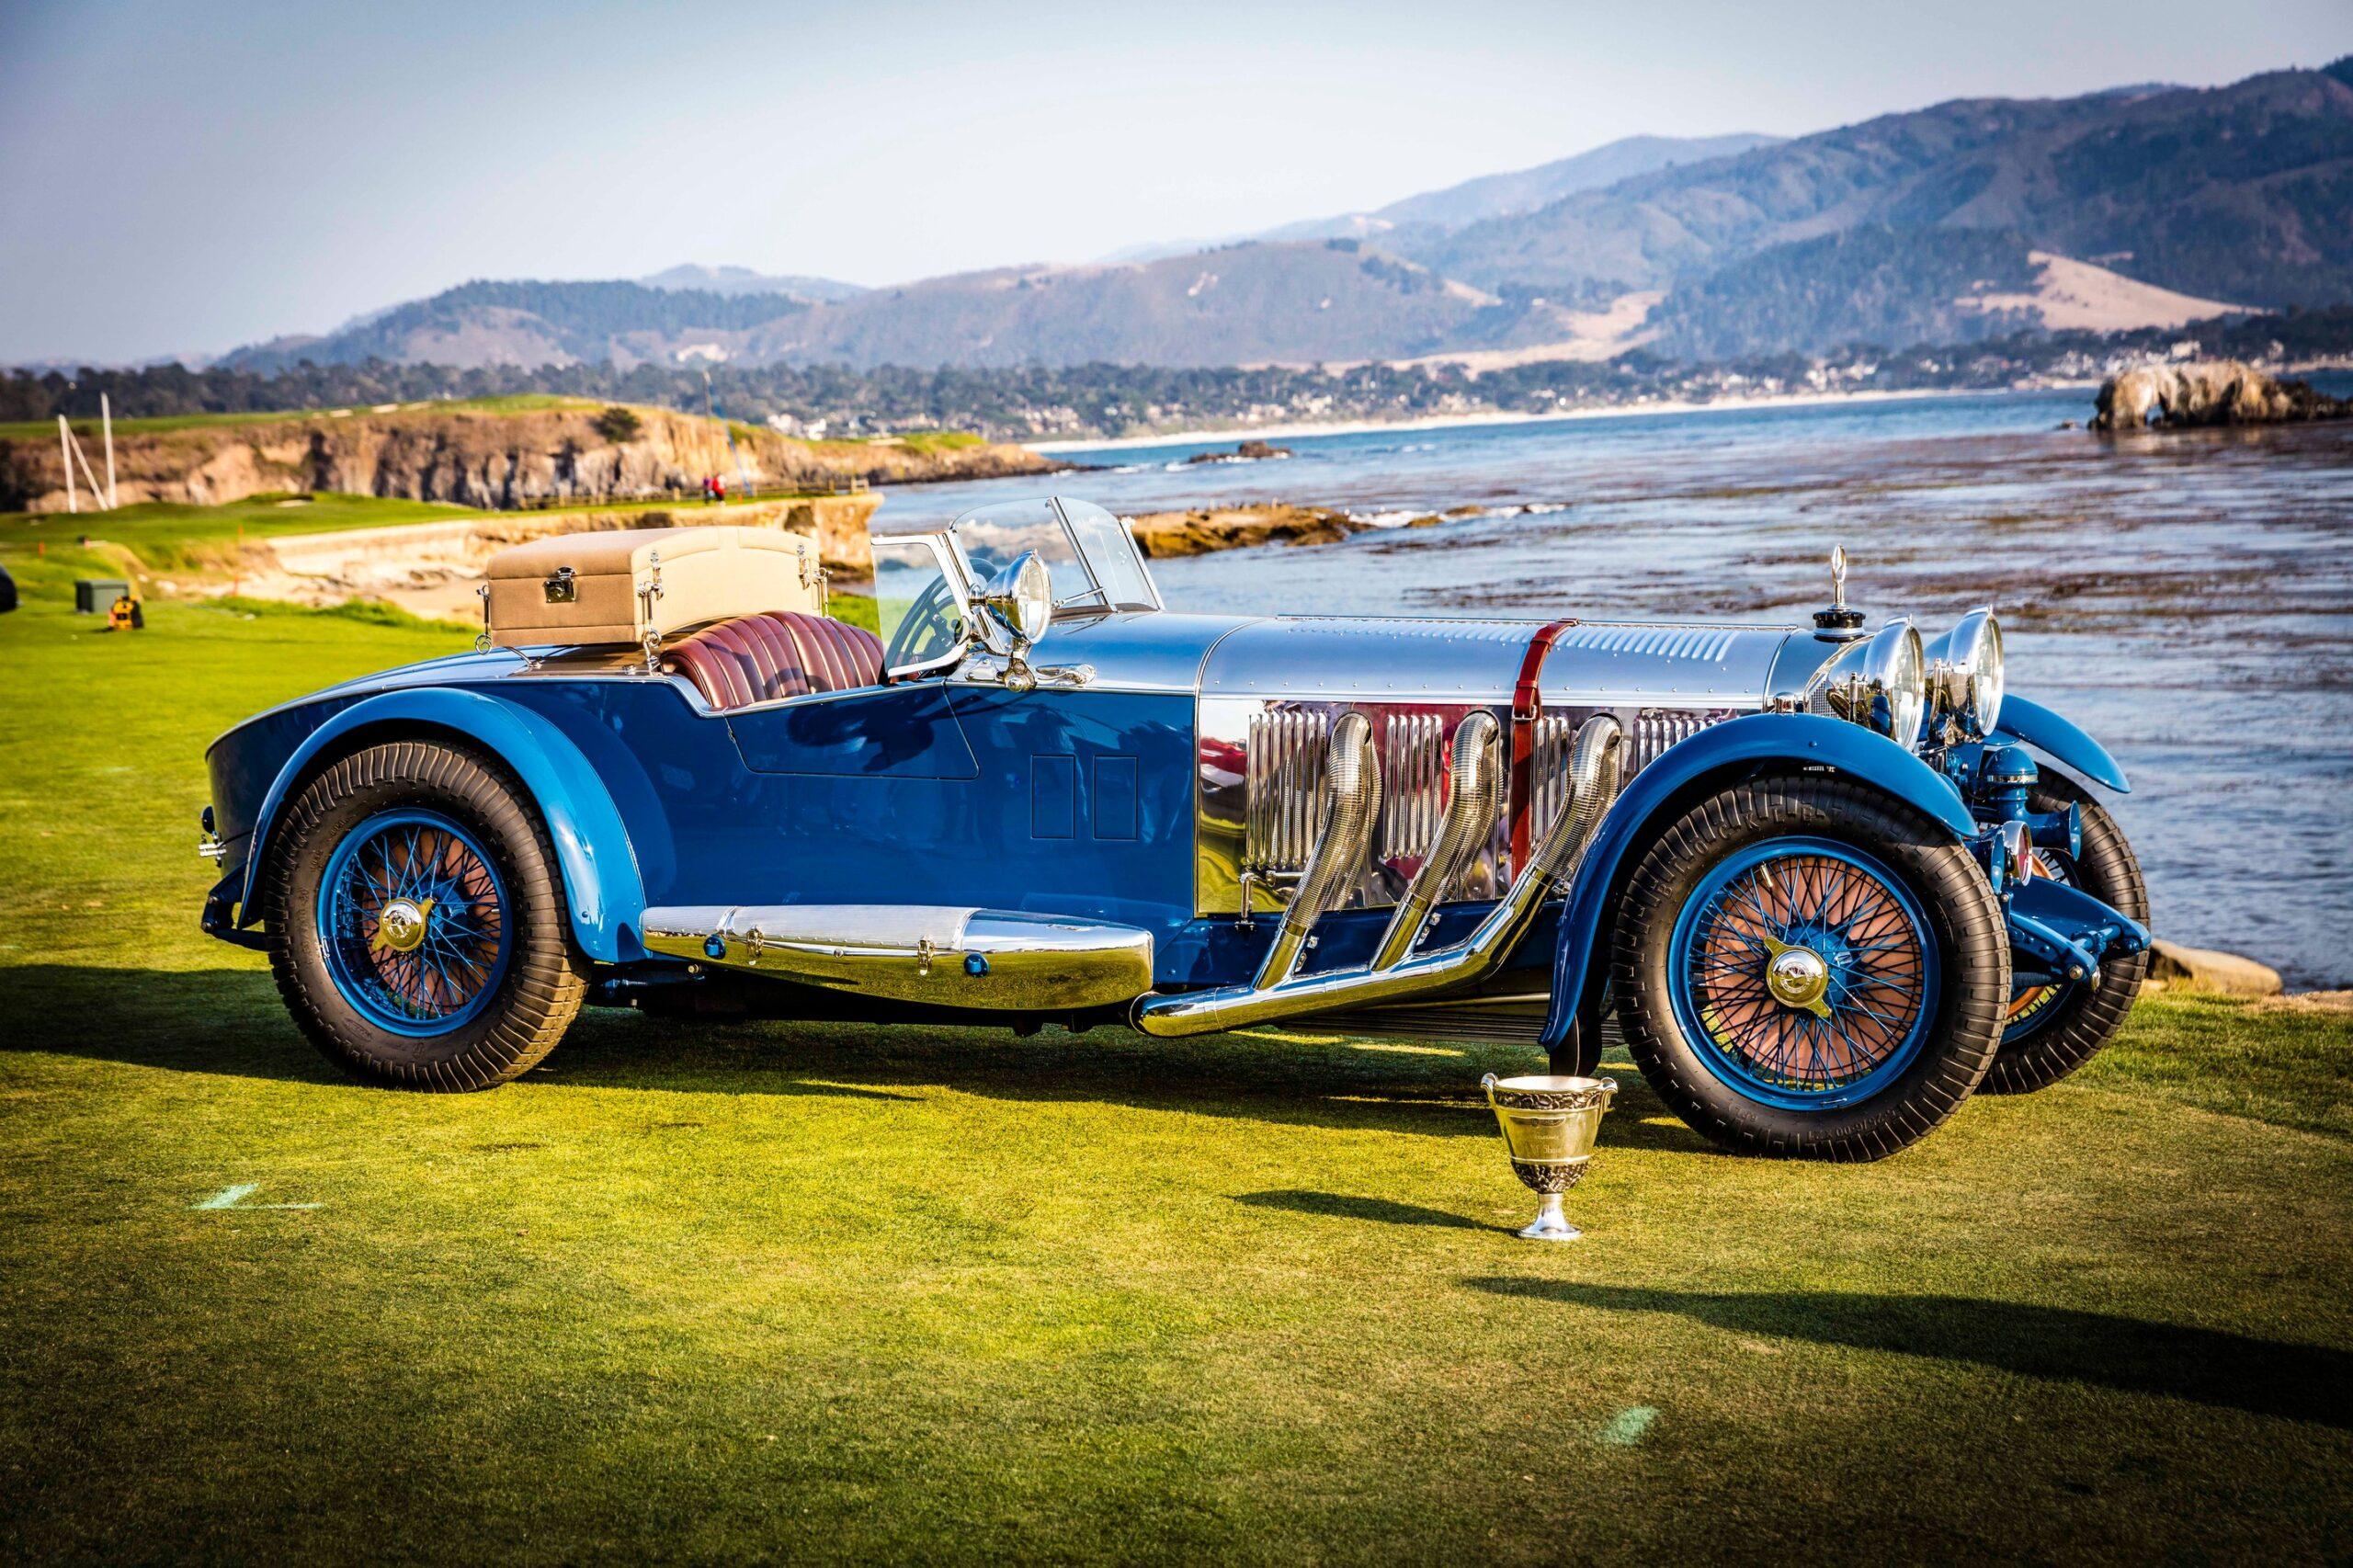 El ganador del Concurso de Elegancia de Pebble Beach 2017 es un Mercedes-Benz de 1929